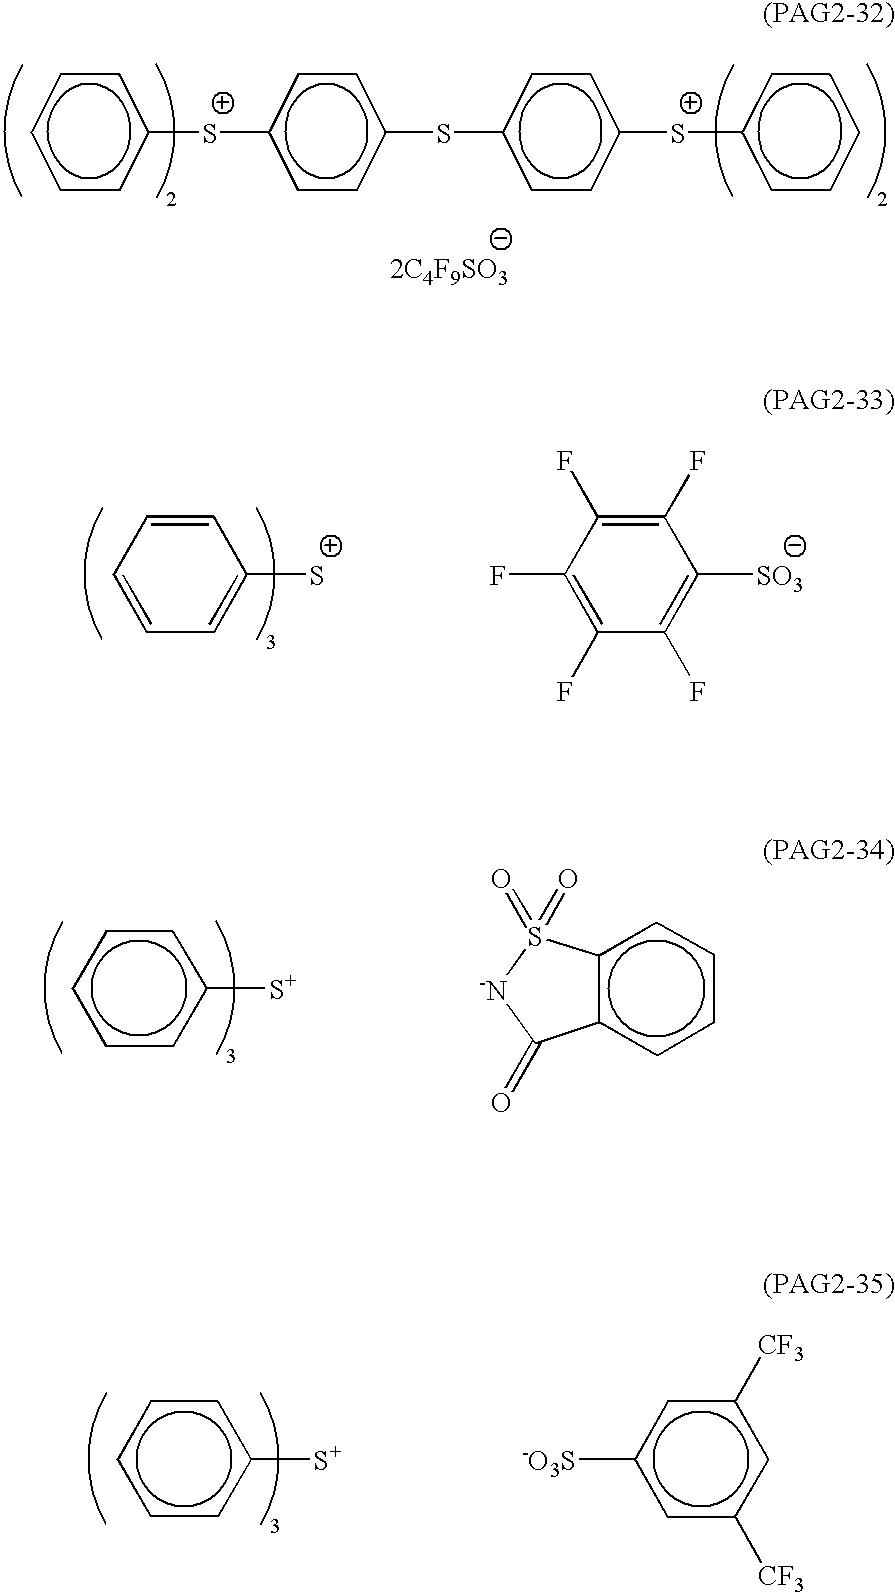 Figure US20030186161A1-20031002-C00010